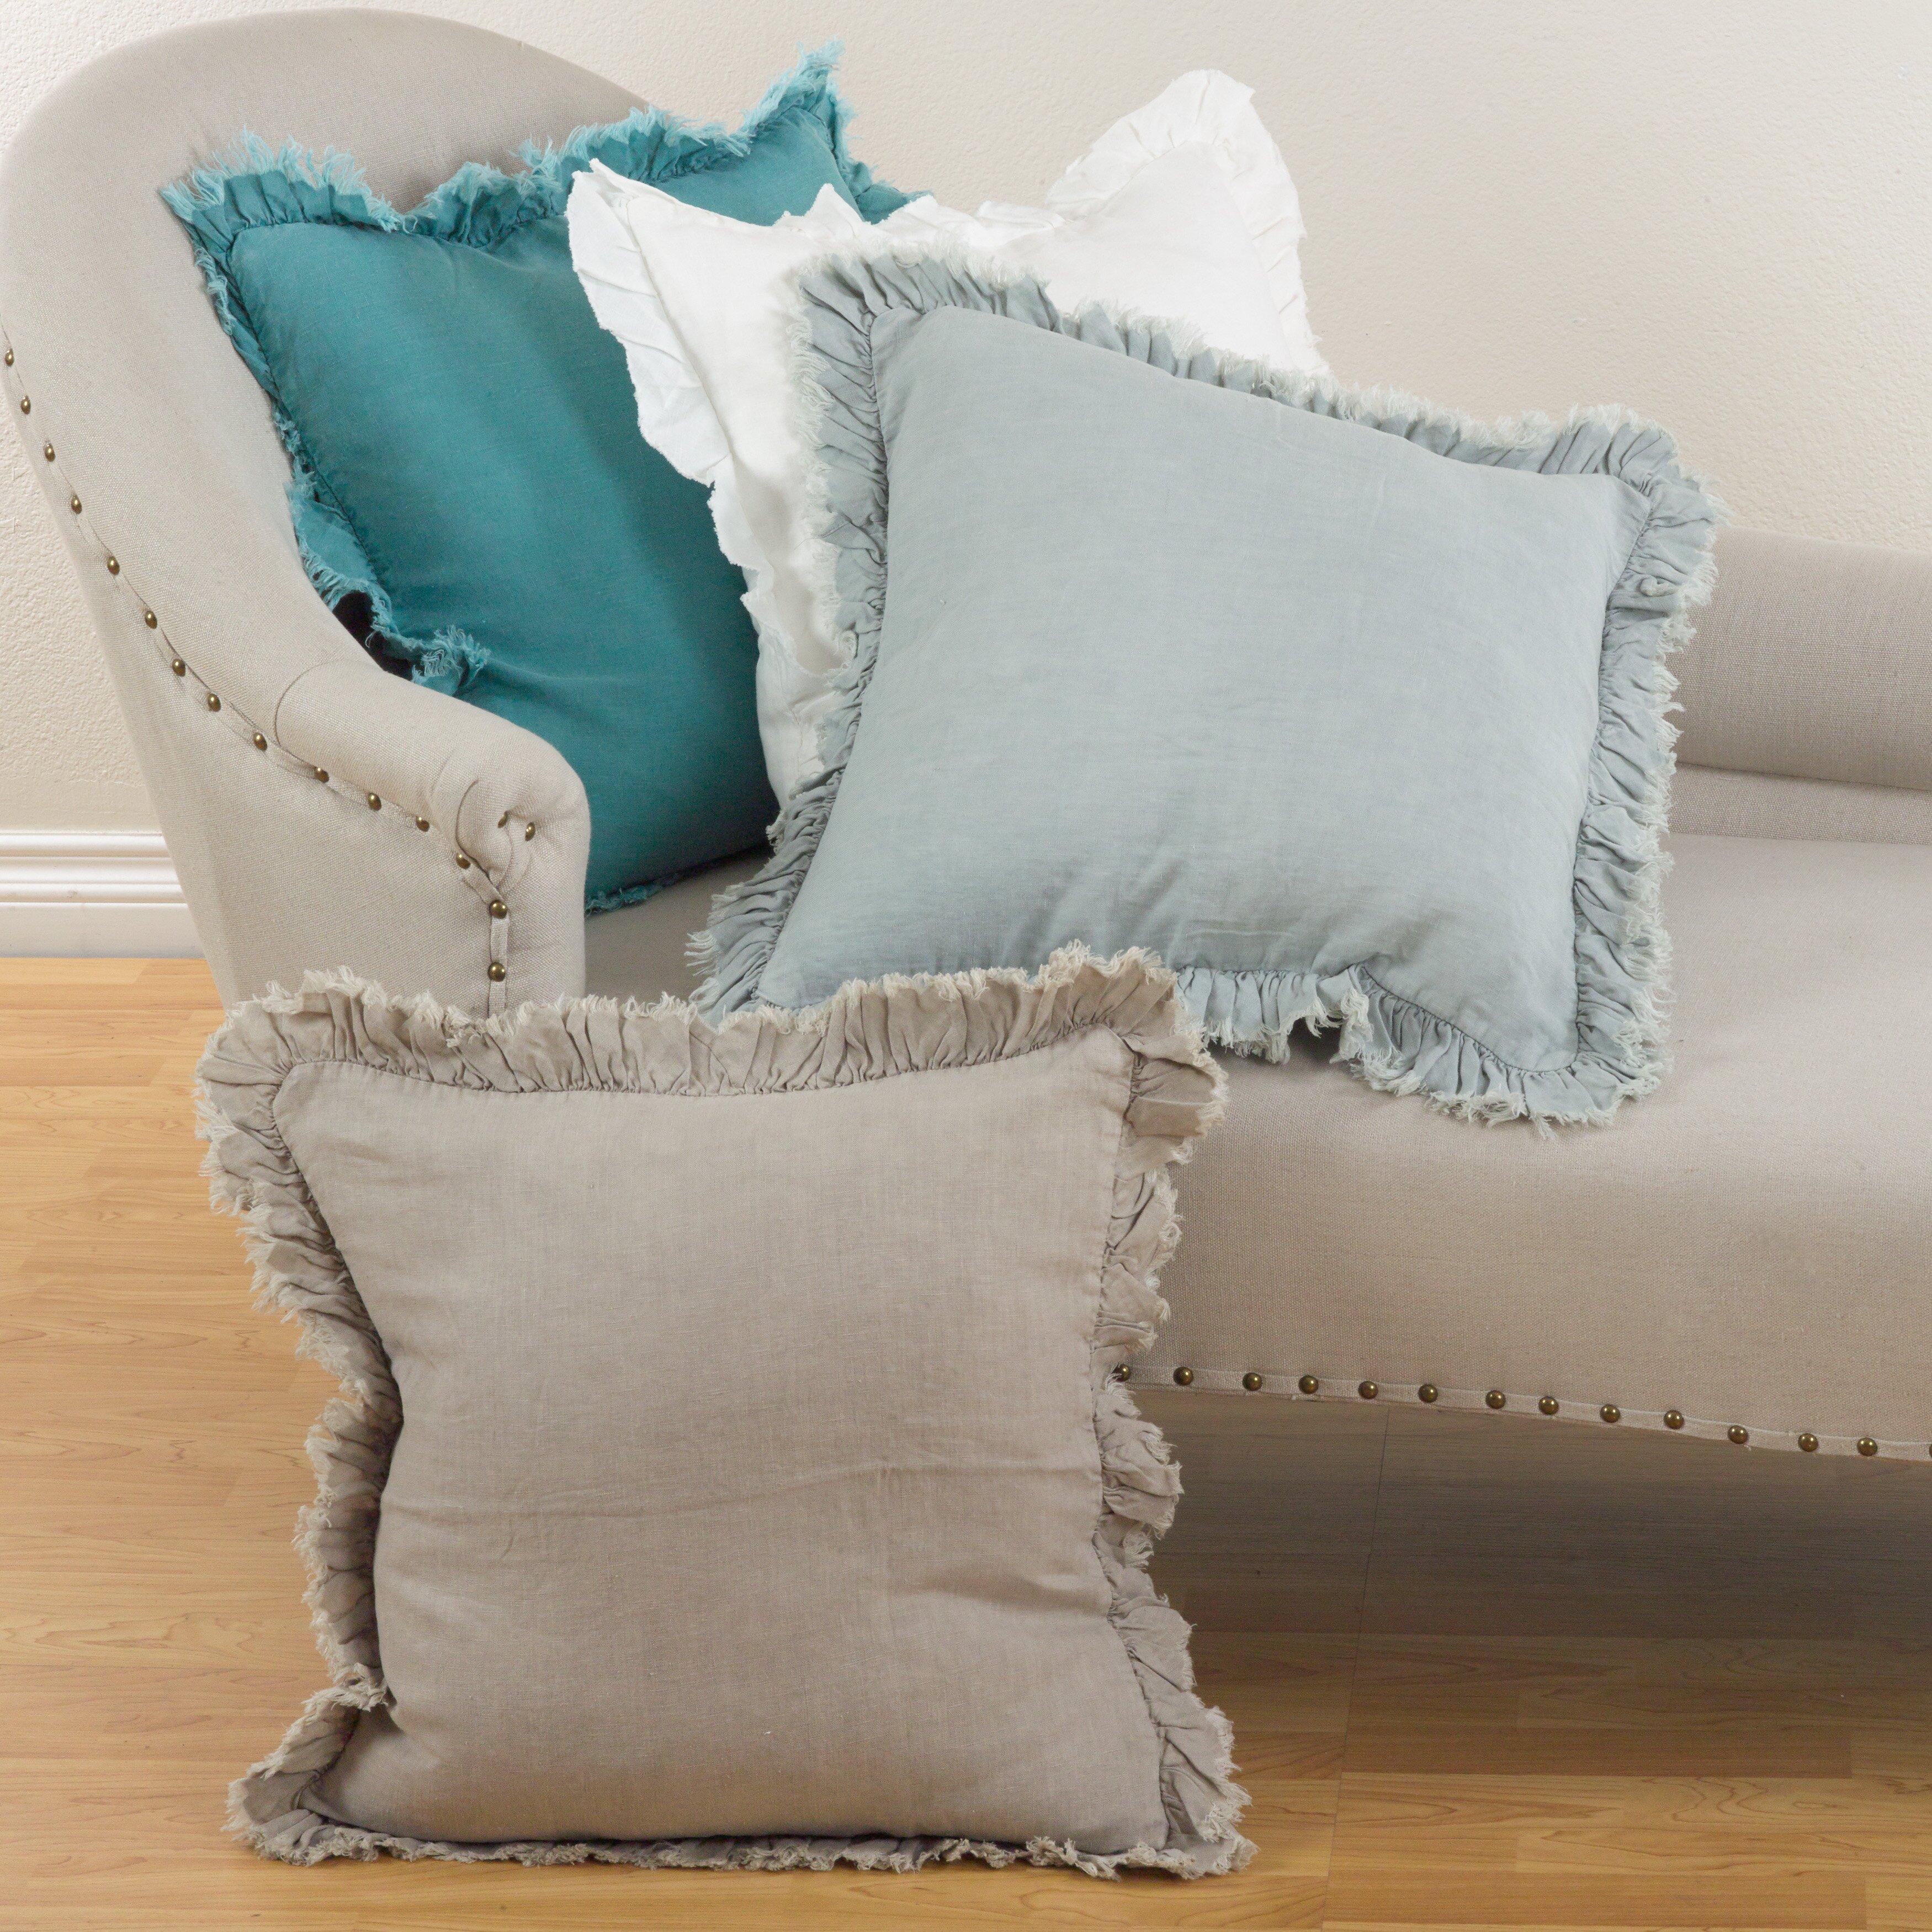 Throw Pillows With Ruffles : Saro Ruffled Linen Throw Pillow & Reviews Wayfair